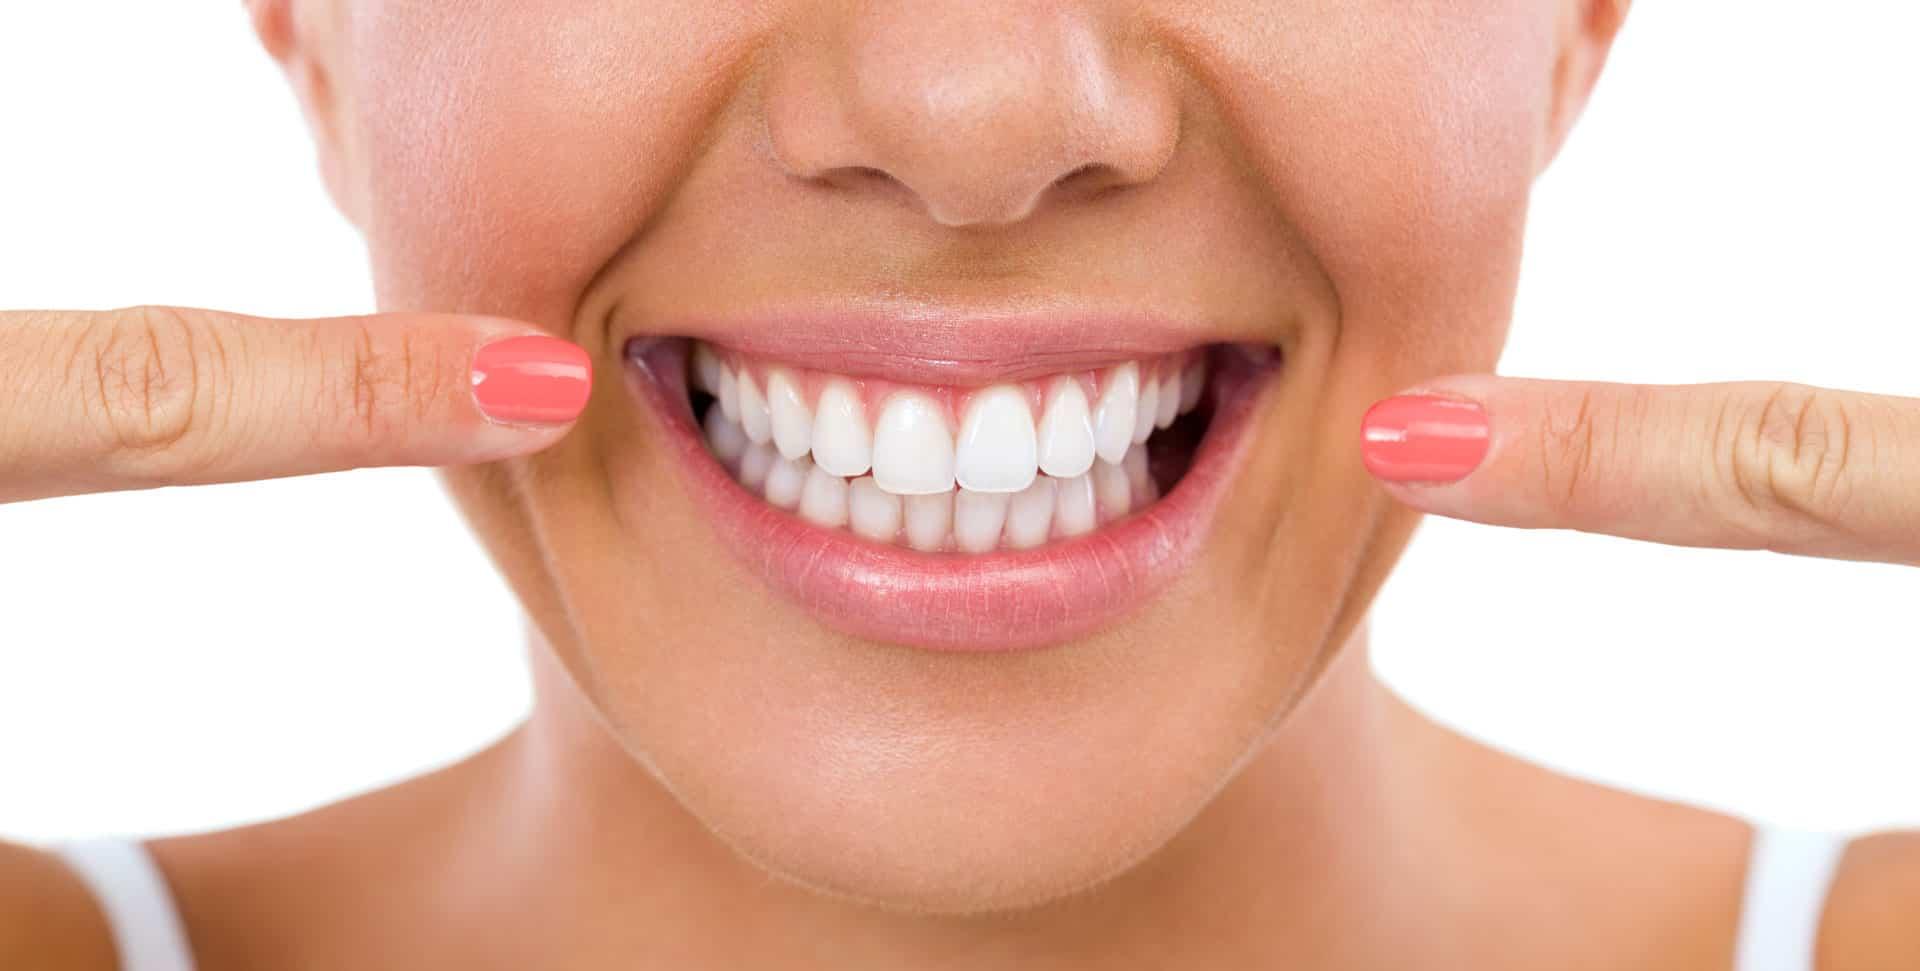 ortodonzia-smile-heart-studio-dentistico-milano